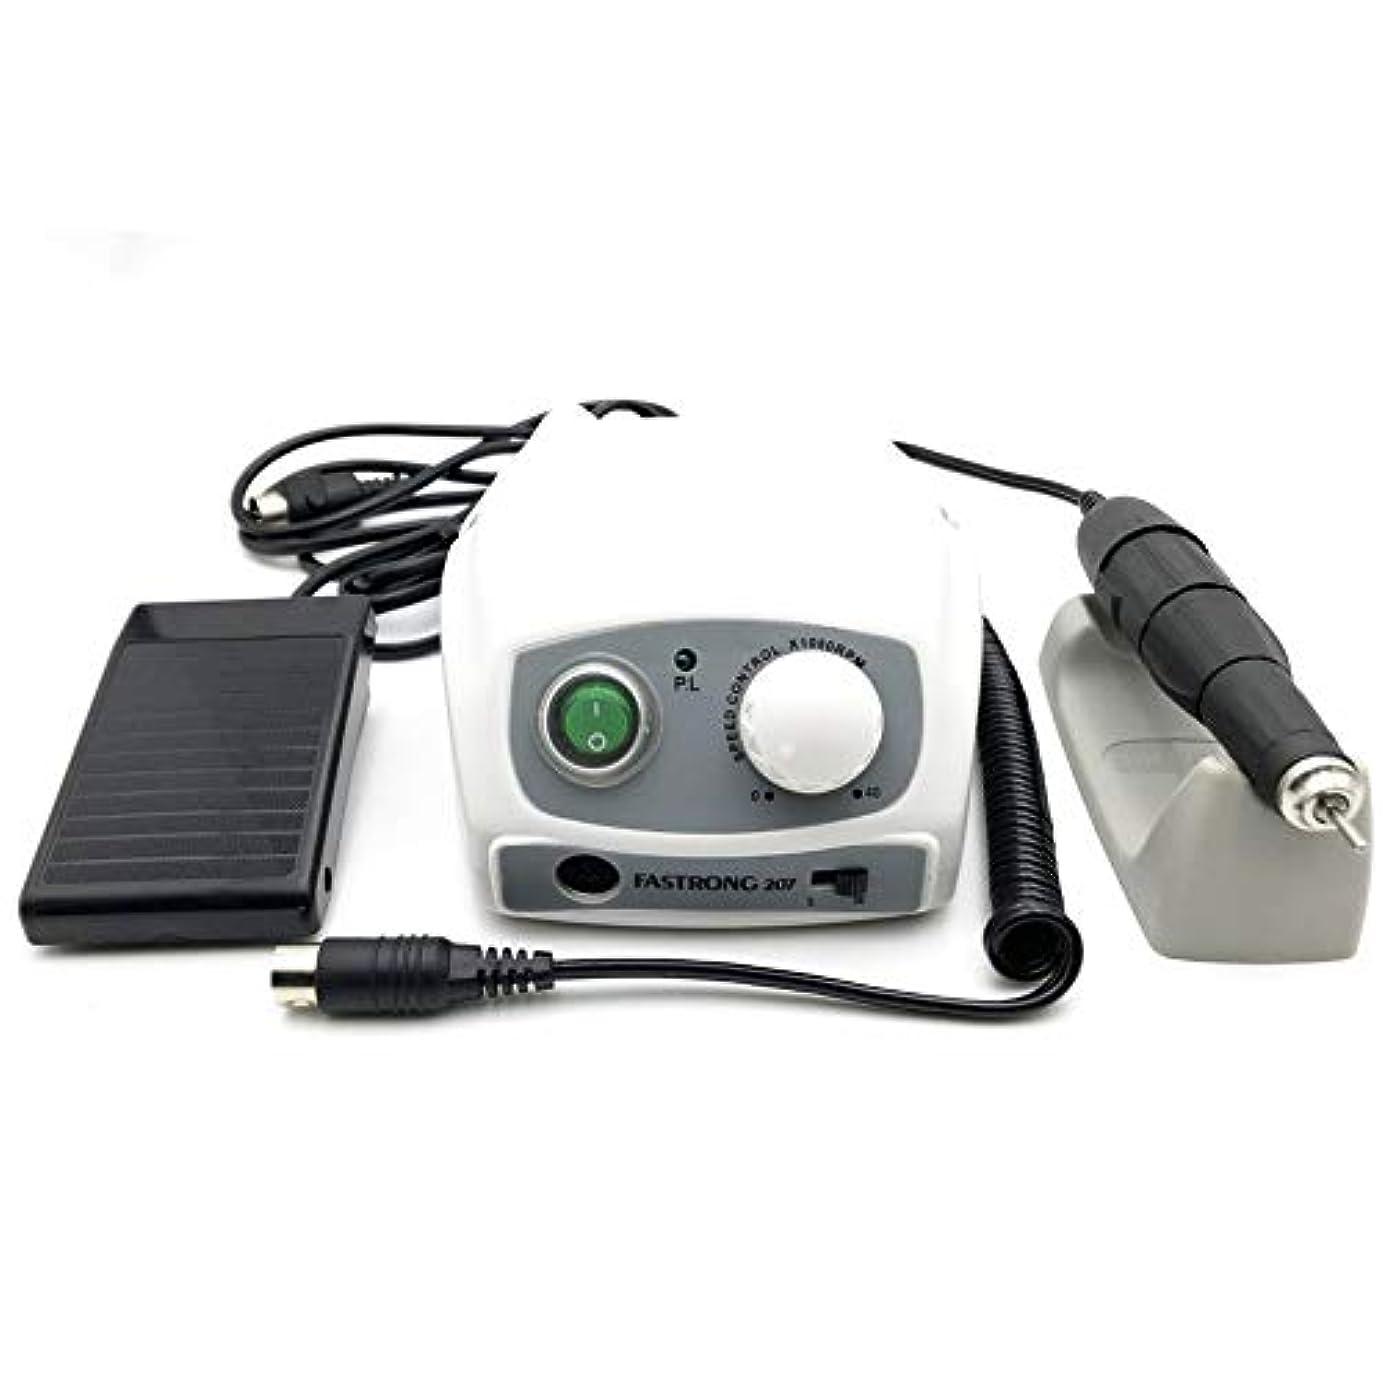 メイエラシェーバー解き明かす電気マニキュアドリルセット40000RPMコントロールボックス210 102 Lマニキュアデバイス用マイクロモーターハンドピース